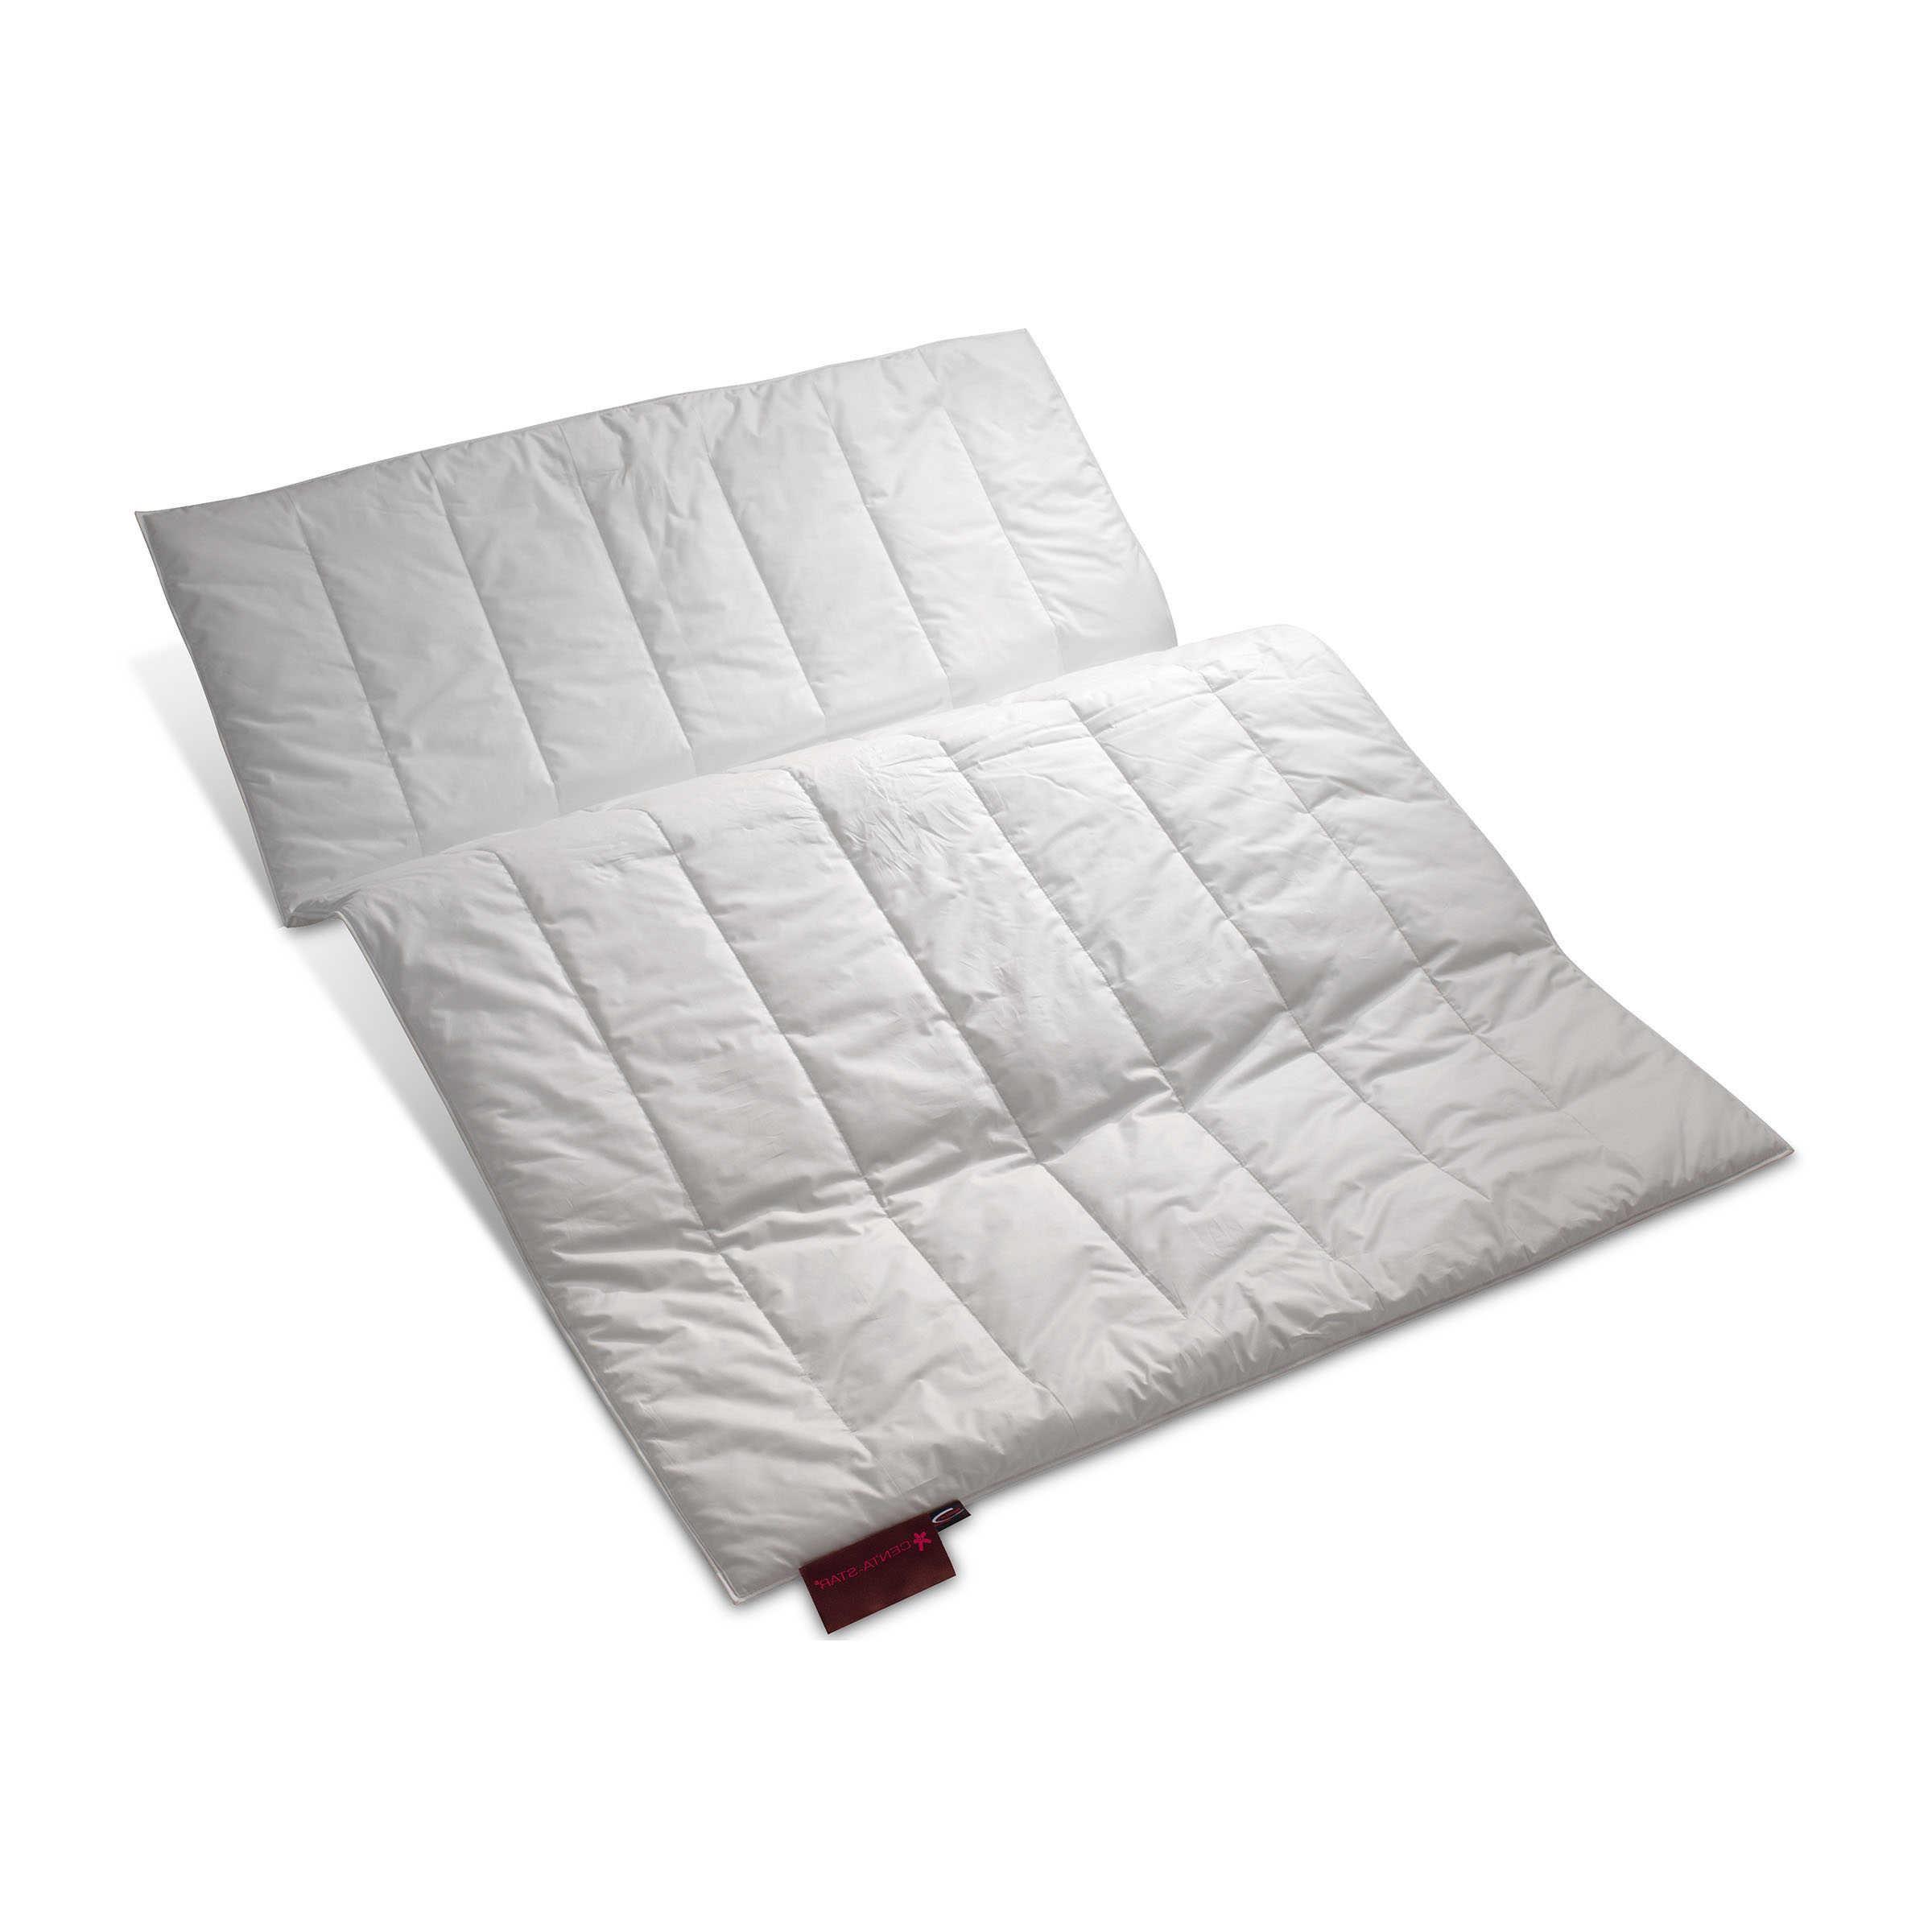 centa star faserbettdecke royal 155 x 220 cm wei baumwolle 155 x 220 cm online kaufen bei woonio. Black Bedroom Furniture Sets. Home Design Ideas